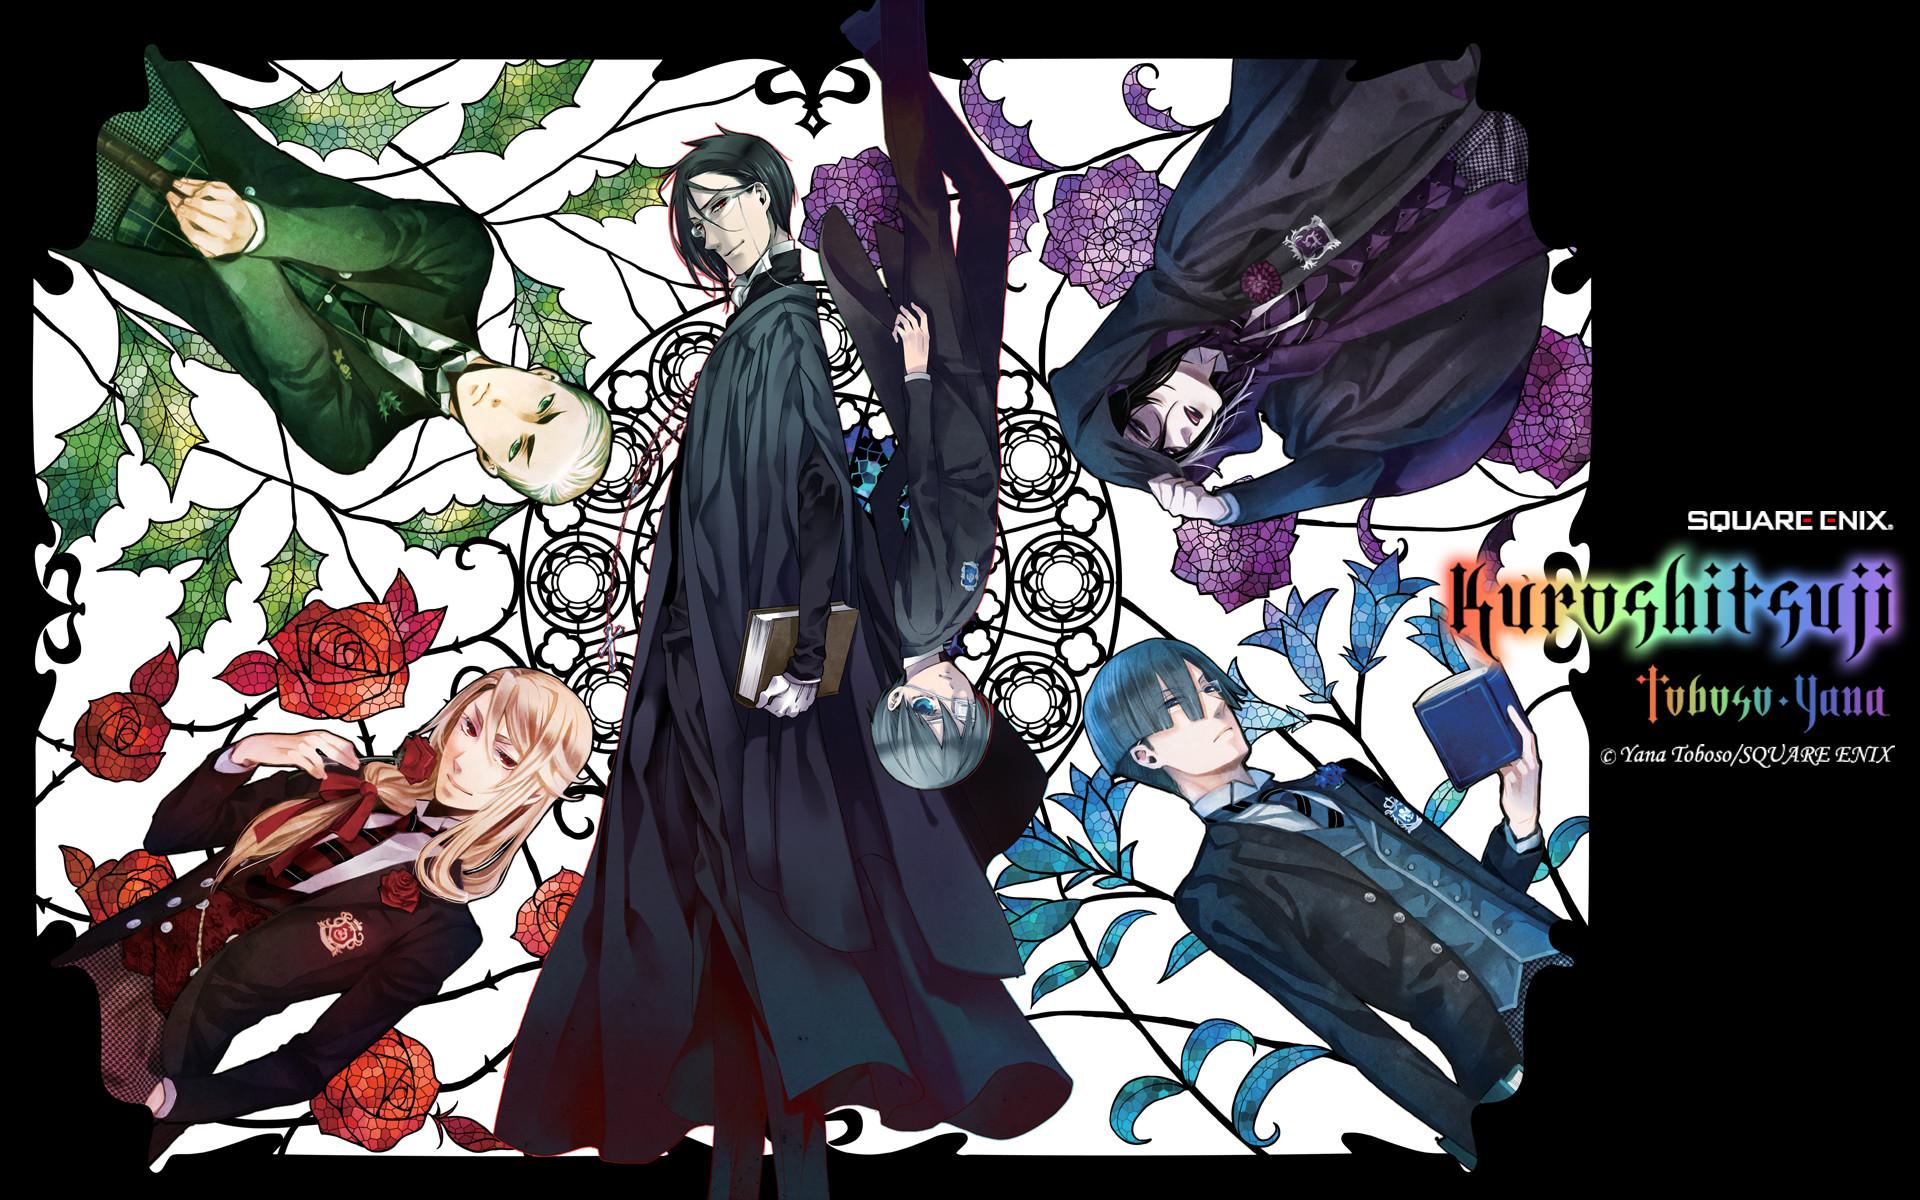 Kuroshitsuji · download Kuroshitsuji image